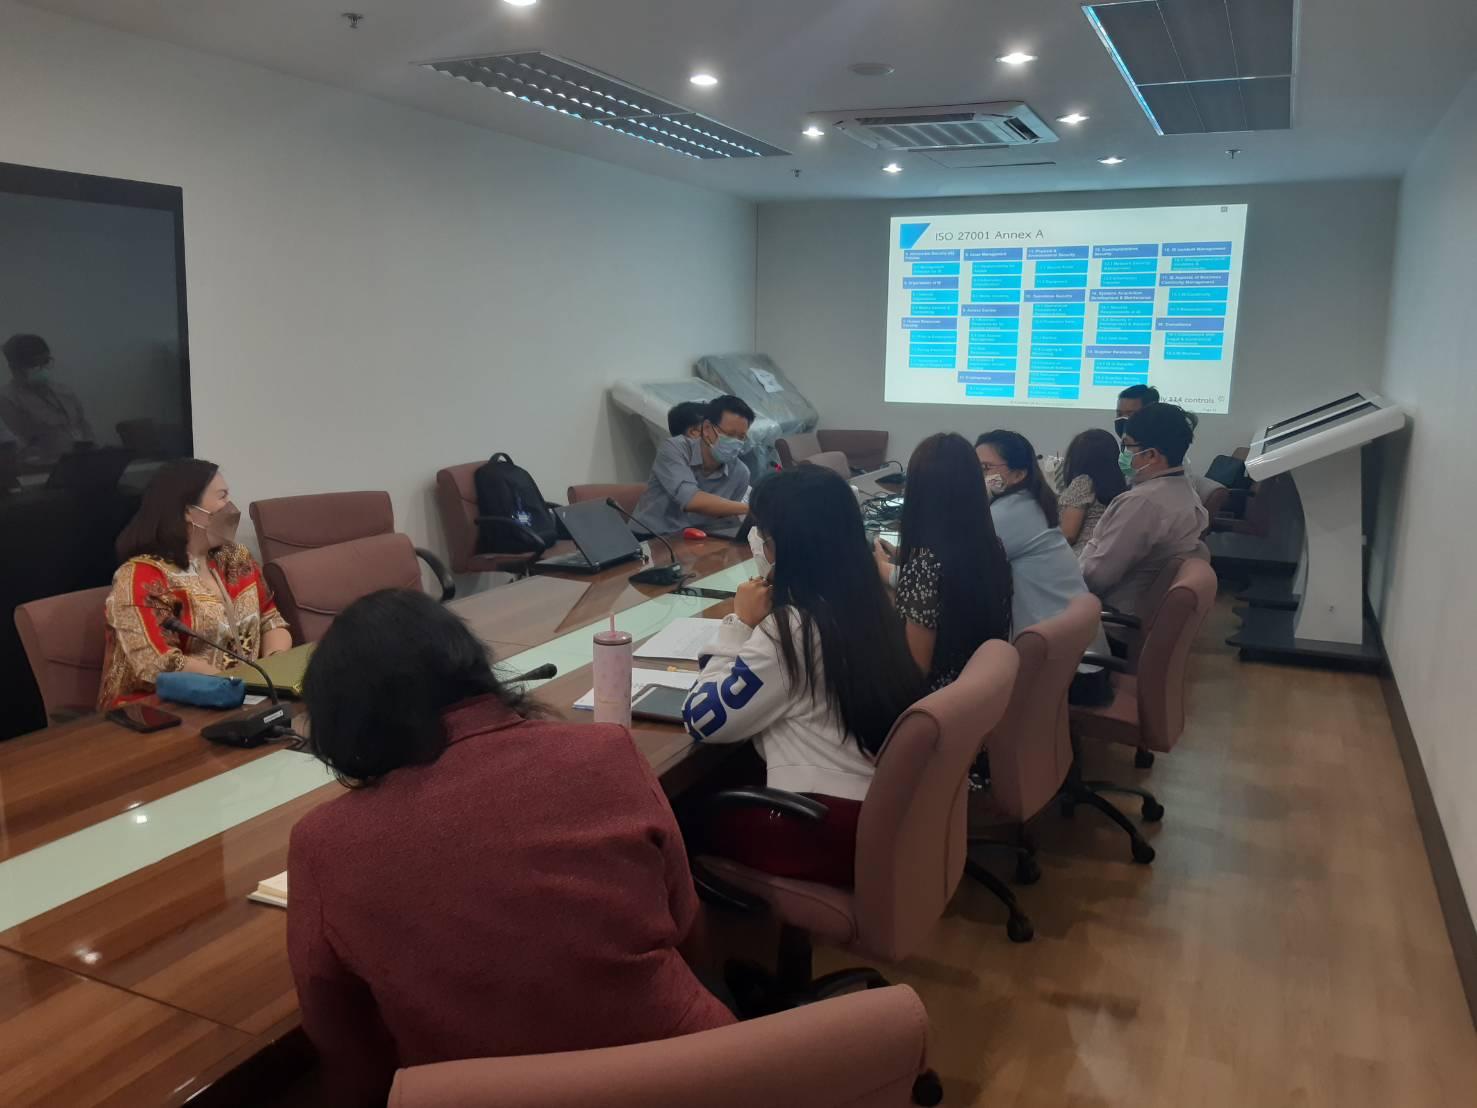 ศูนย์เทคโนฯ หารือรวมกับบริษัทksc เพื่อเตรียมความพร้อมการสร้างมาตรฐาน ISO ของหน่วยงาน